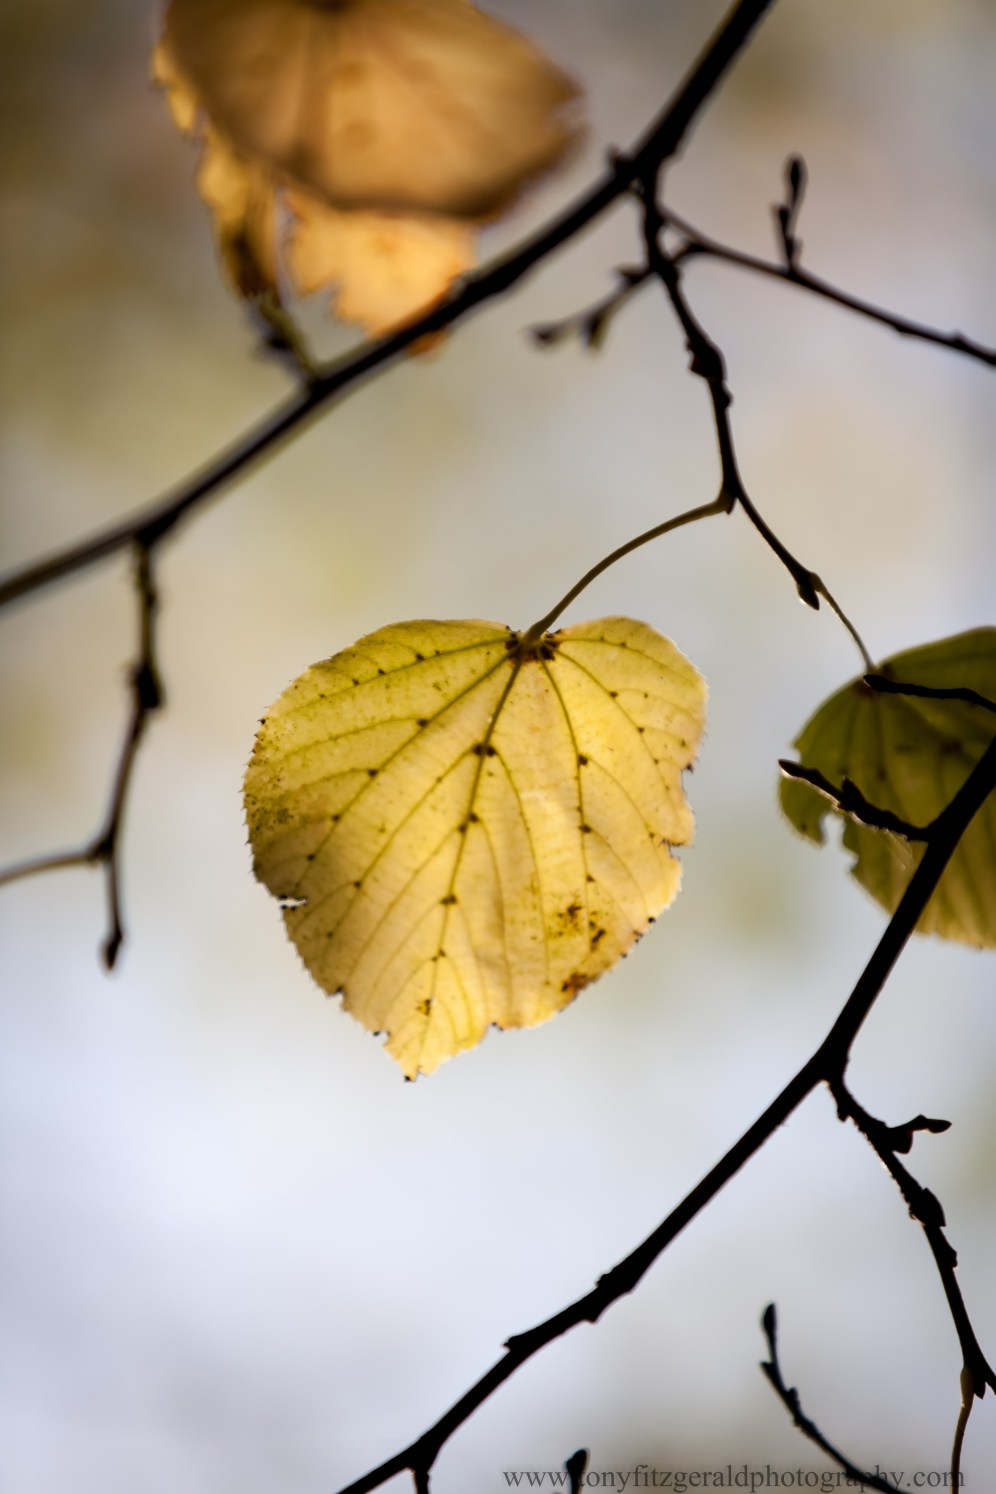 Strasbourg France, fall leaves